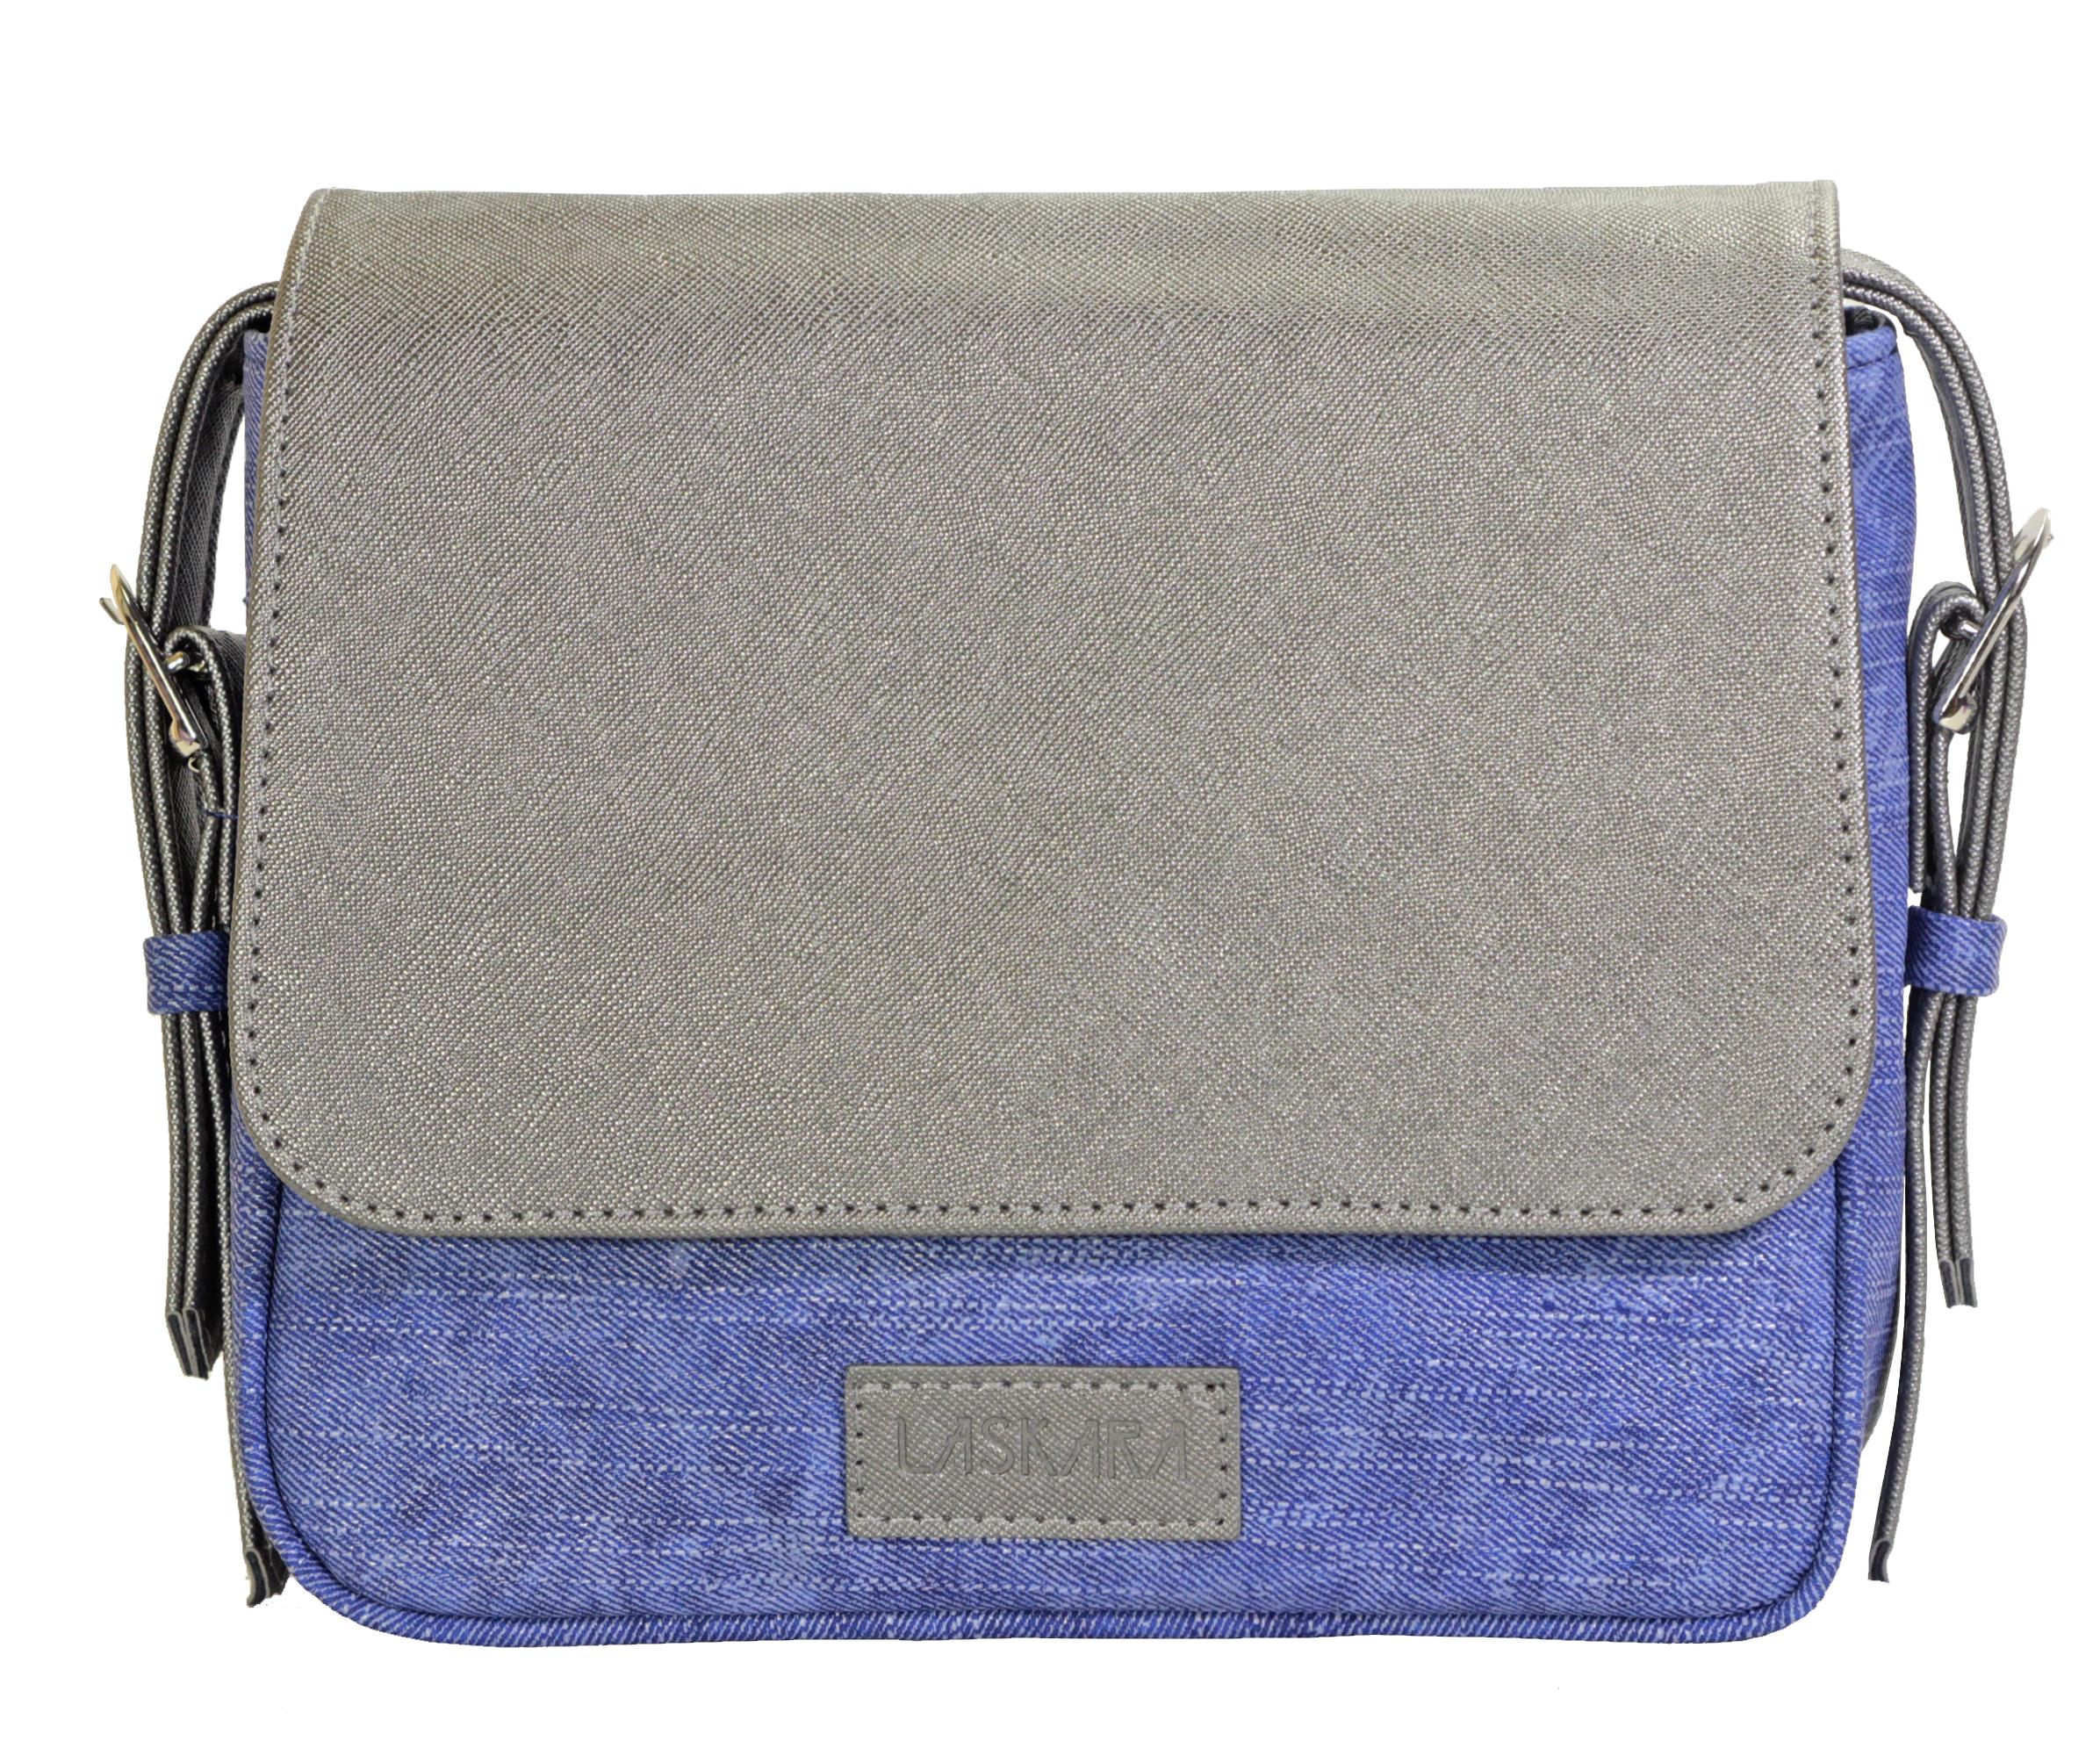 Crossbody kabelka v džínovém provedení 11-10245-silver-denim-blue